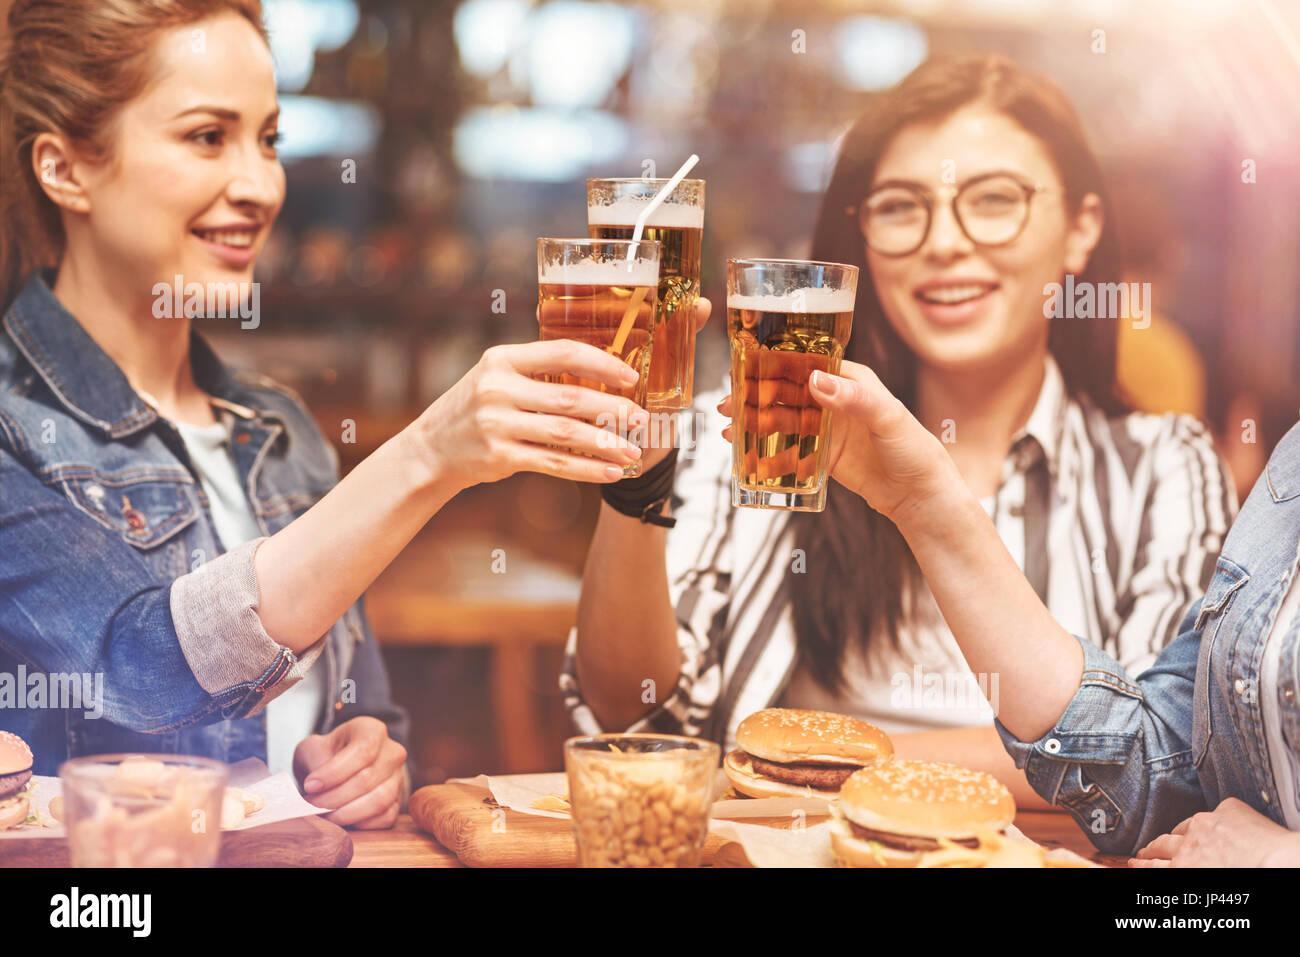 Le fanciulle felici di celebrare la propria vacanza Immagini Stock